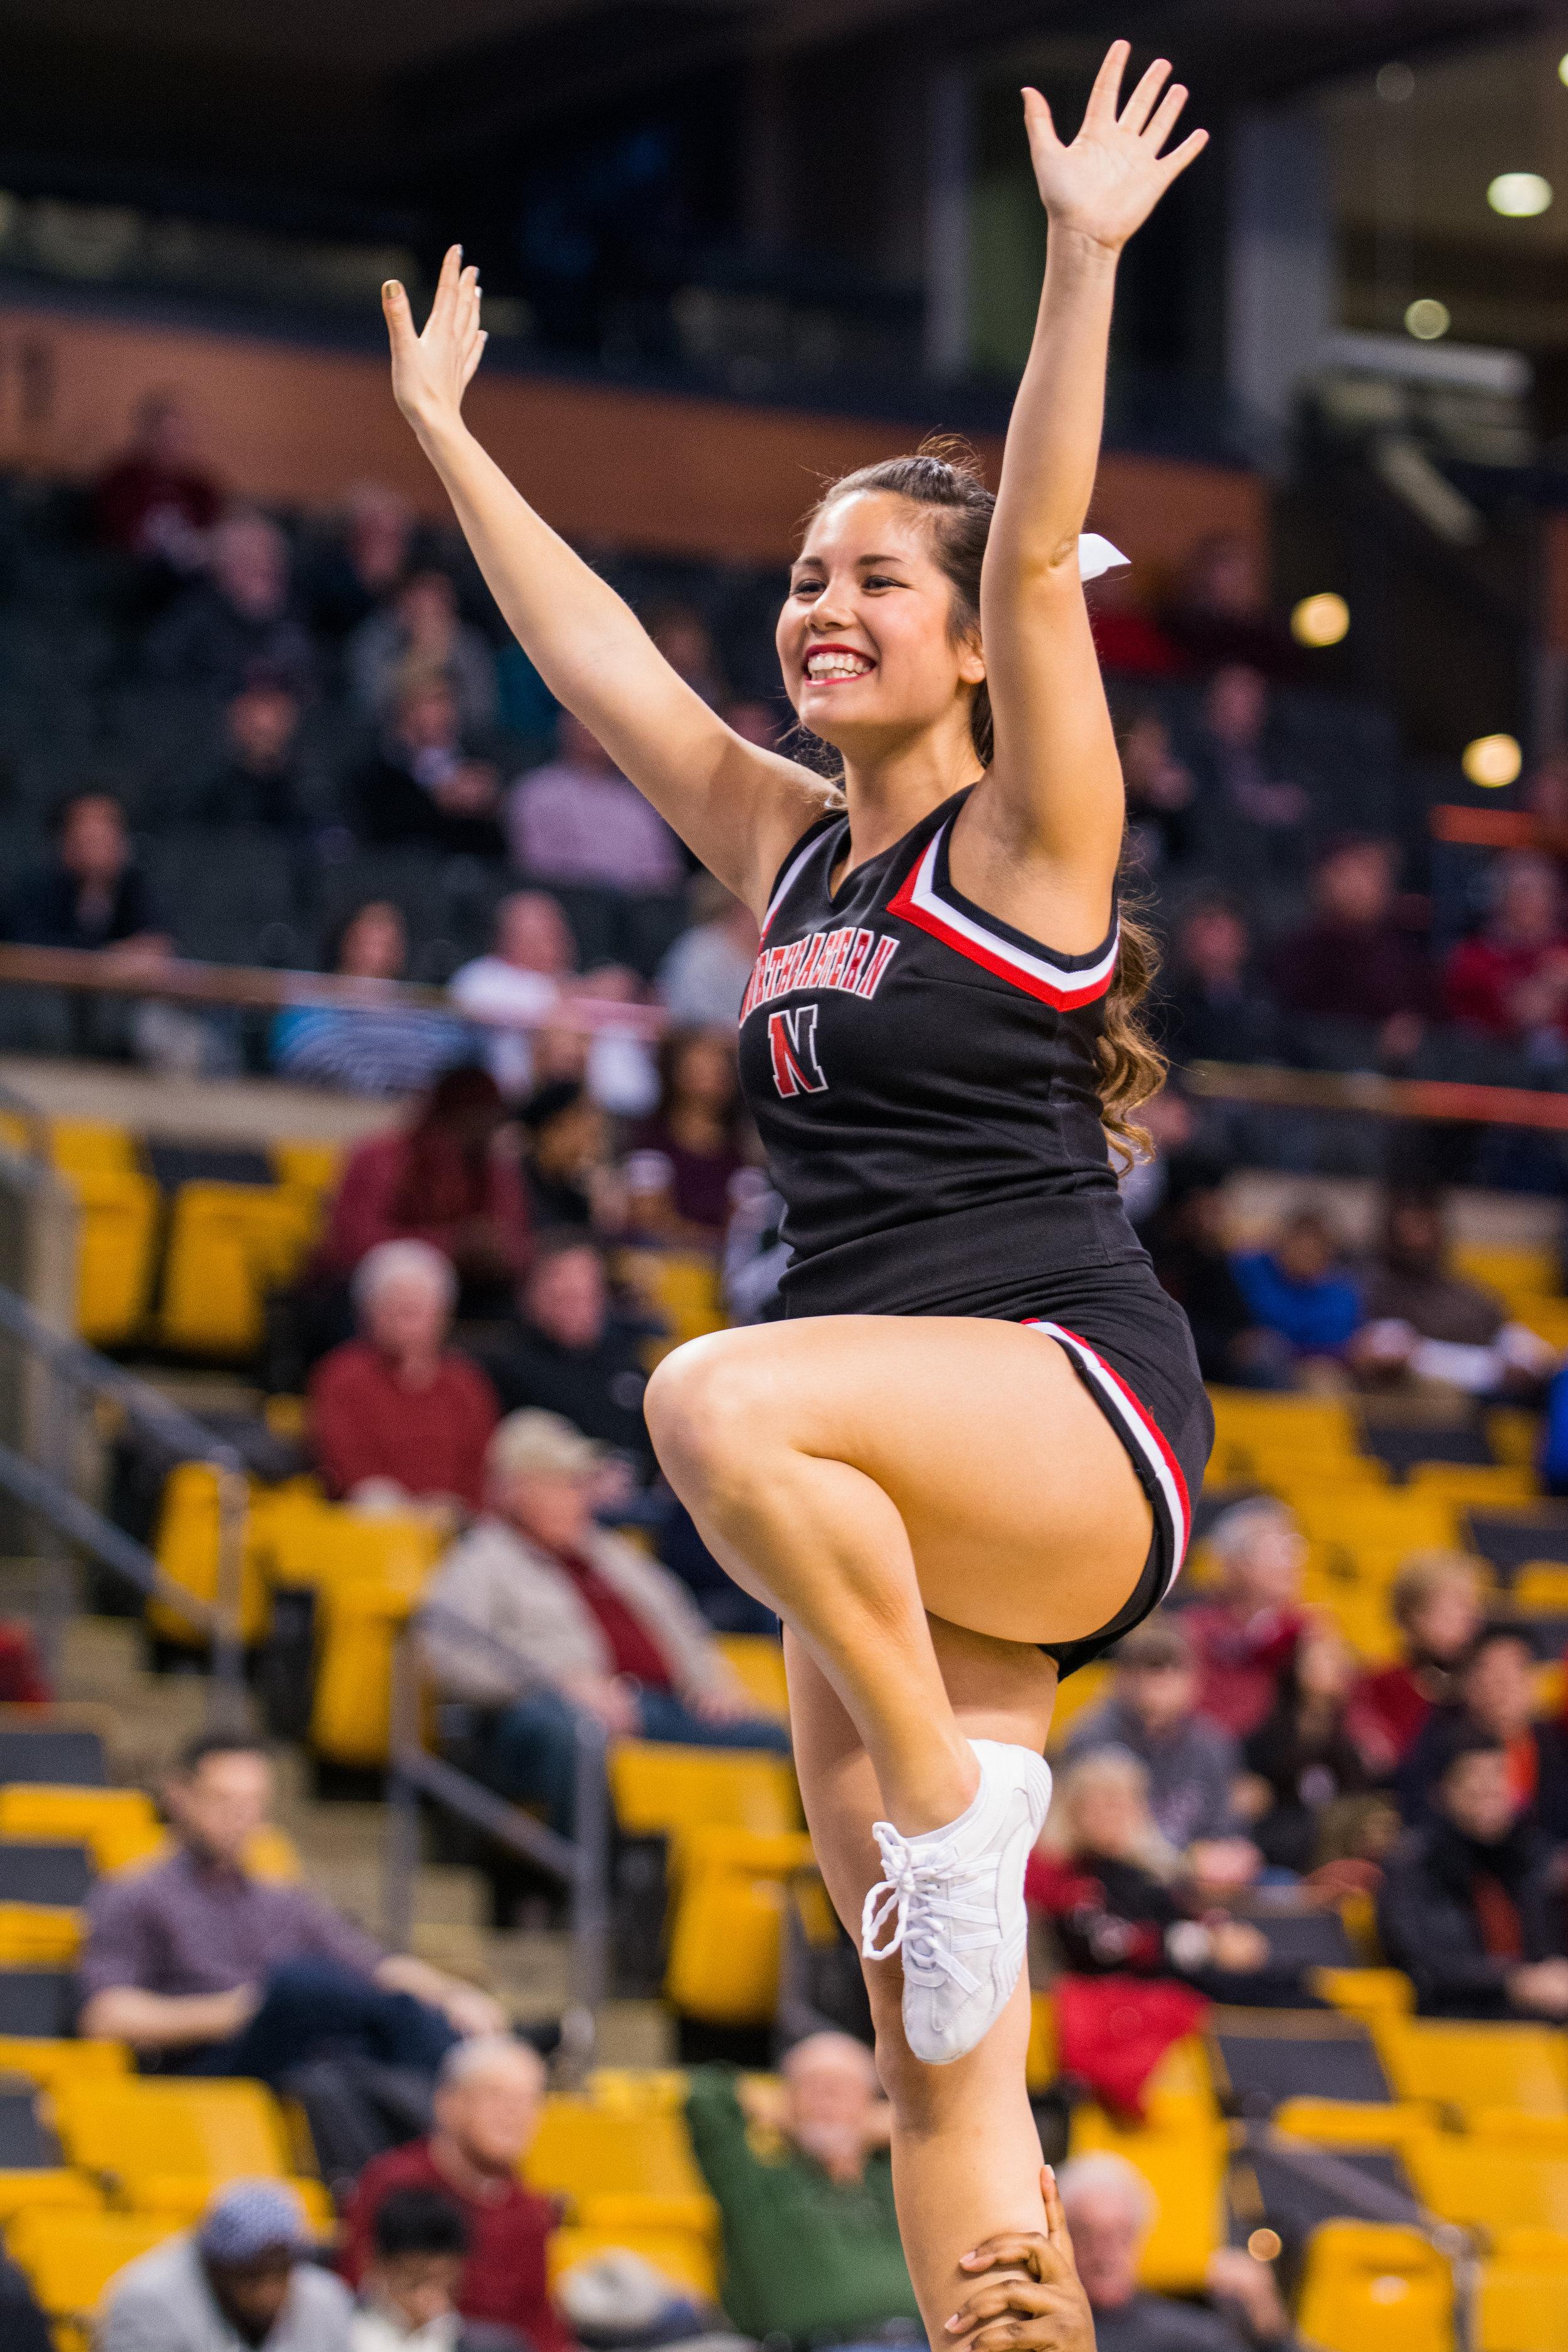 cheerleading_nov (6 of 6).JPG